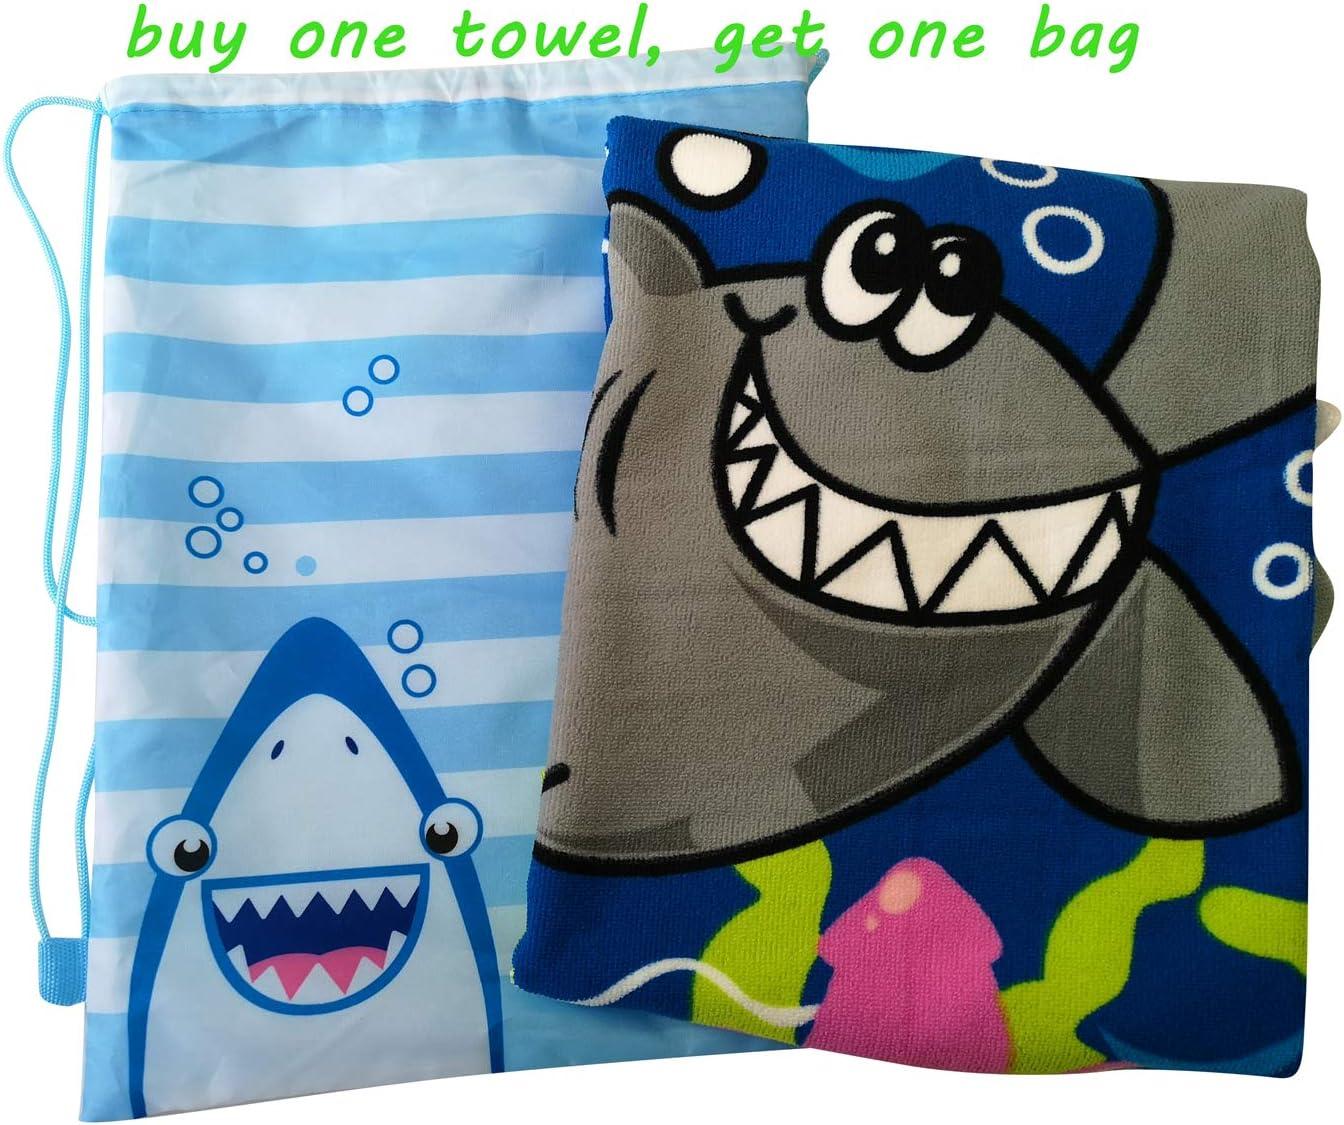 Athaelay Dinosaur Beach Towel with Hood for 3-8 Years Boys Hooded Towel Bath Roble